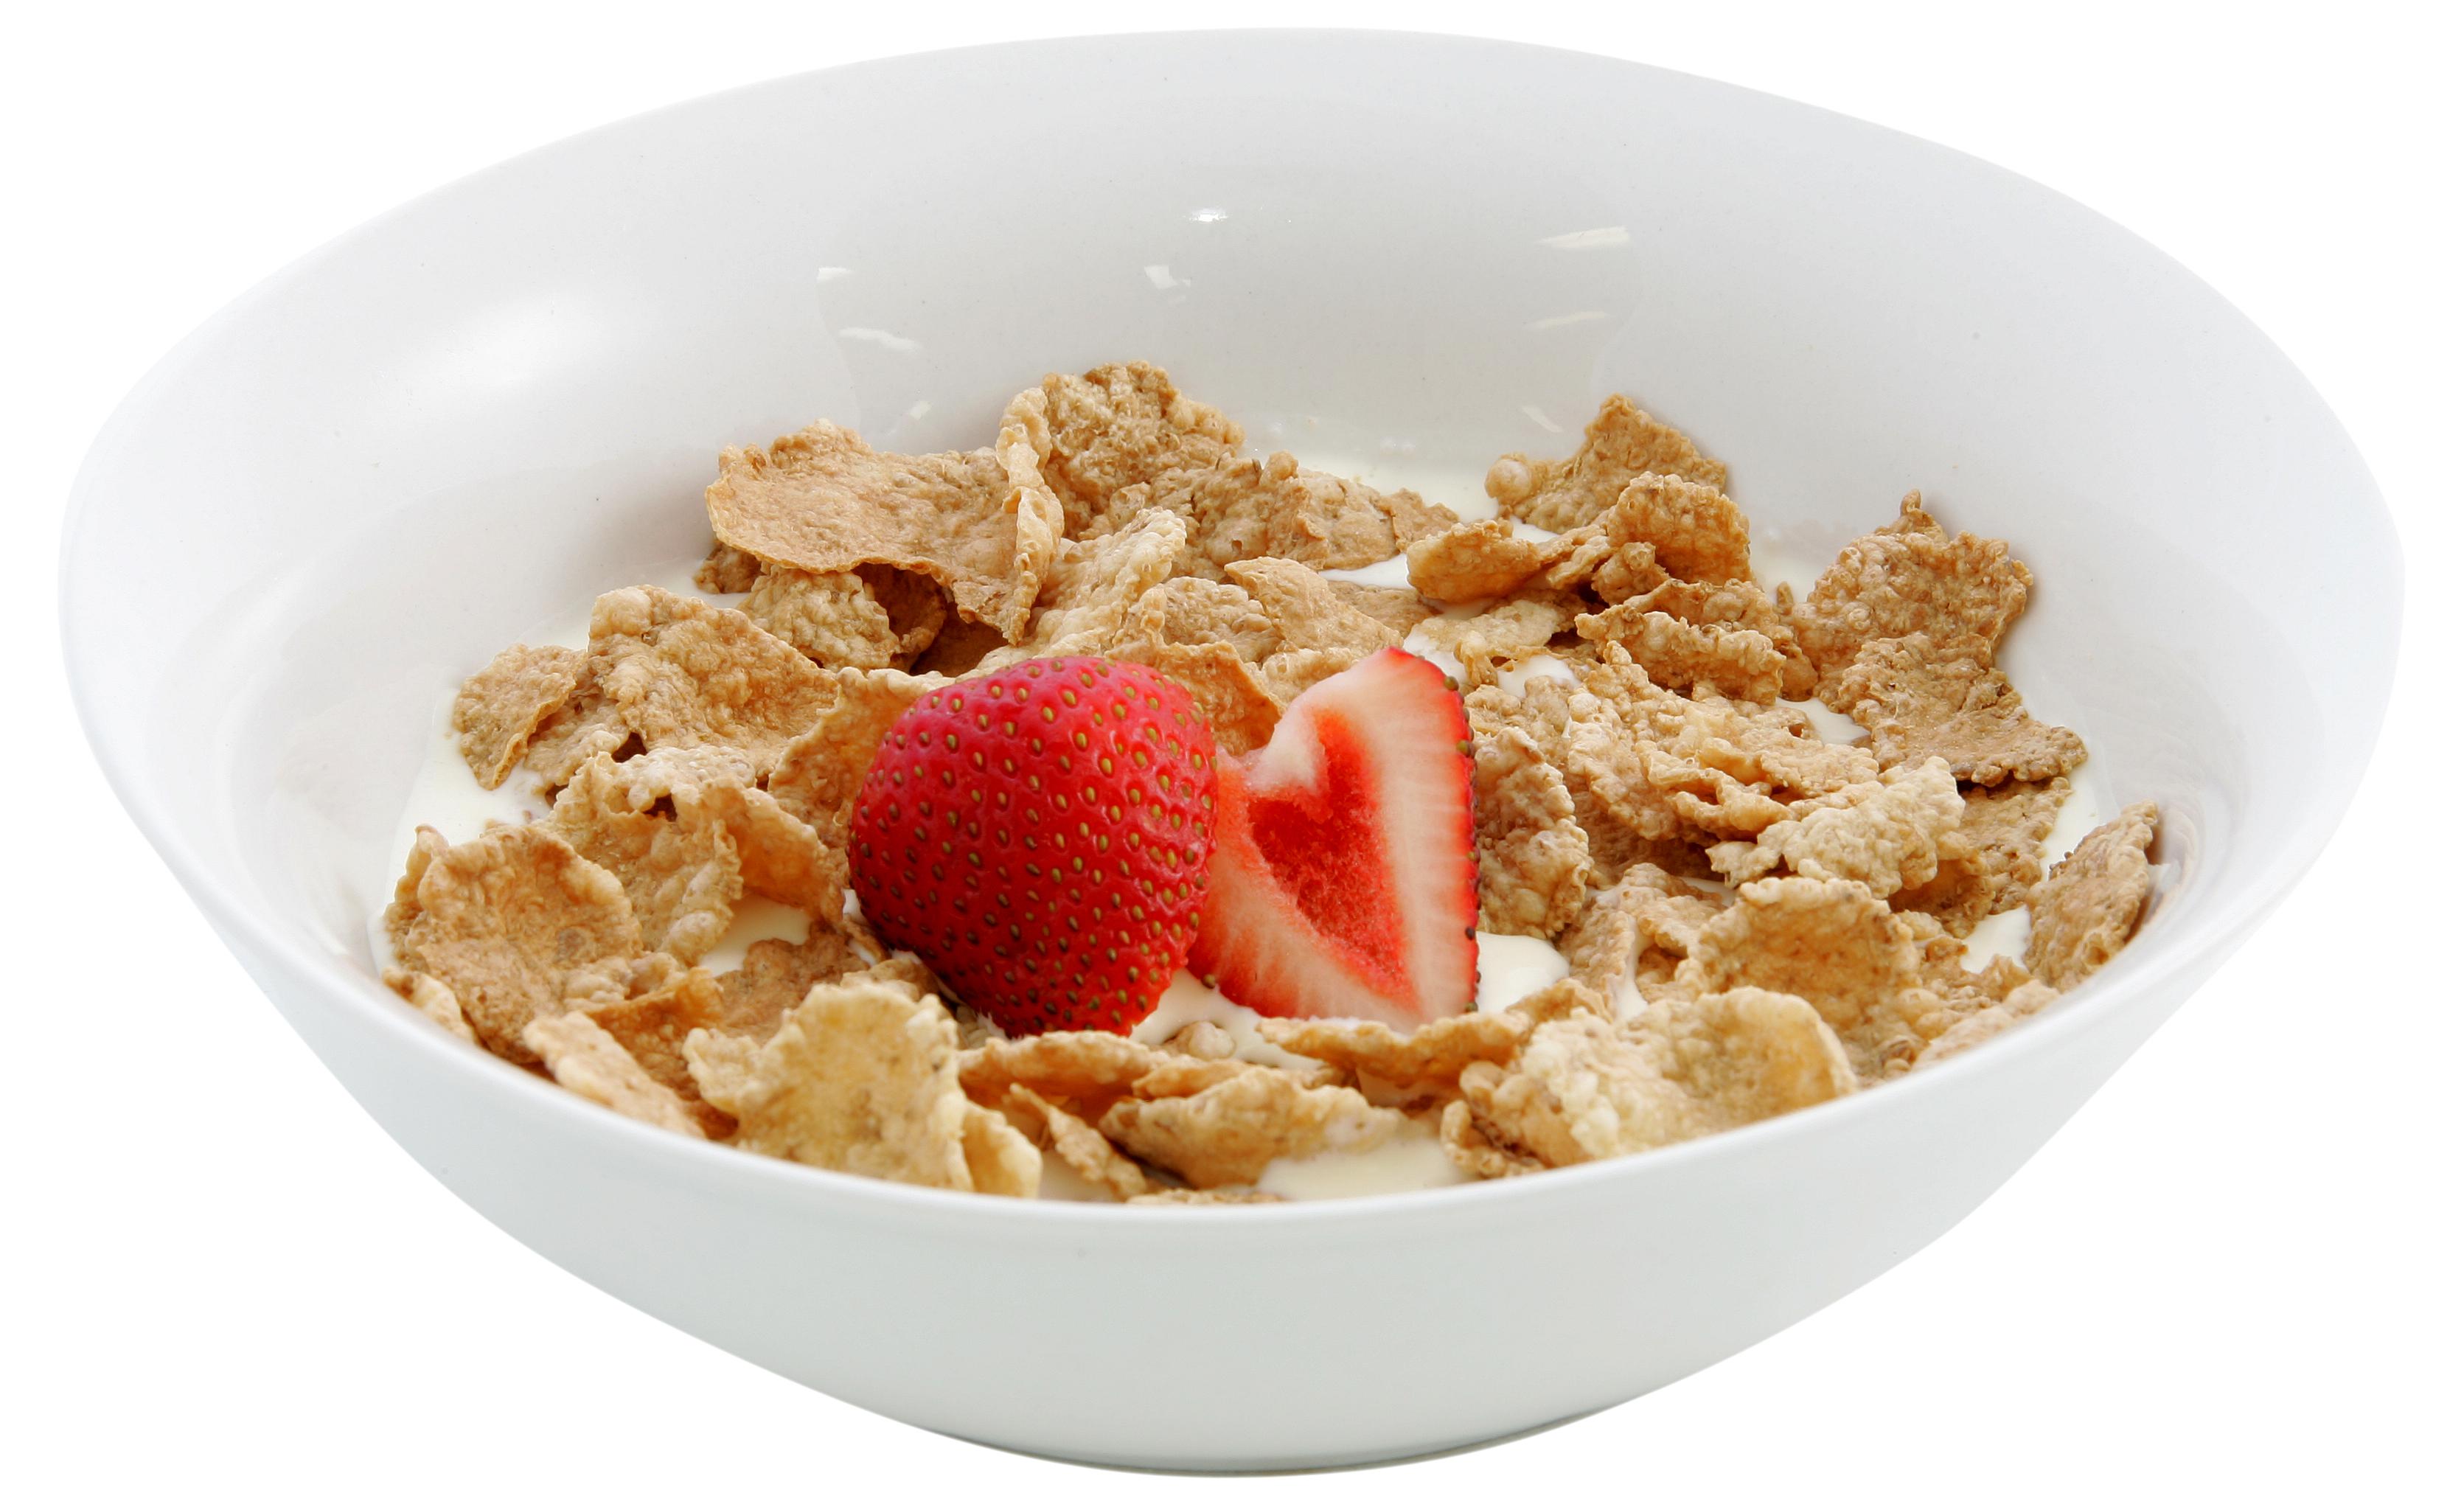 breakfast   HD Breakfast Wallpaper   BREAKFAST   Pinterest   Croissant,  Juice and Foods - Breakfast Bowl PNG